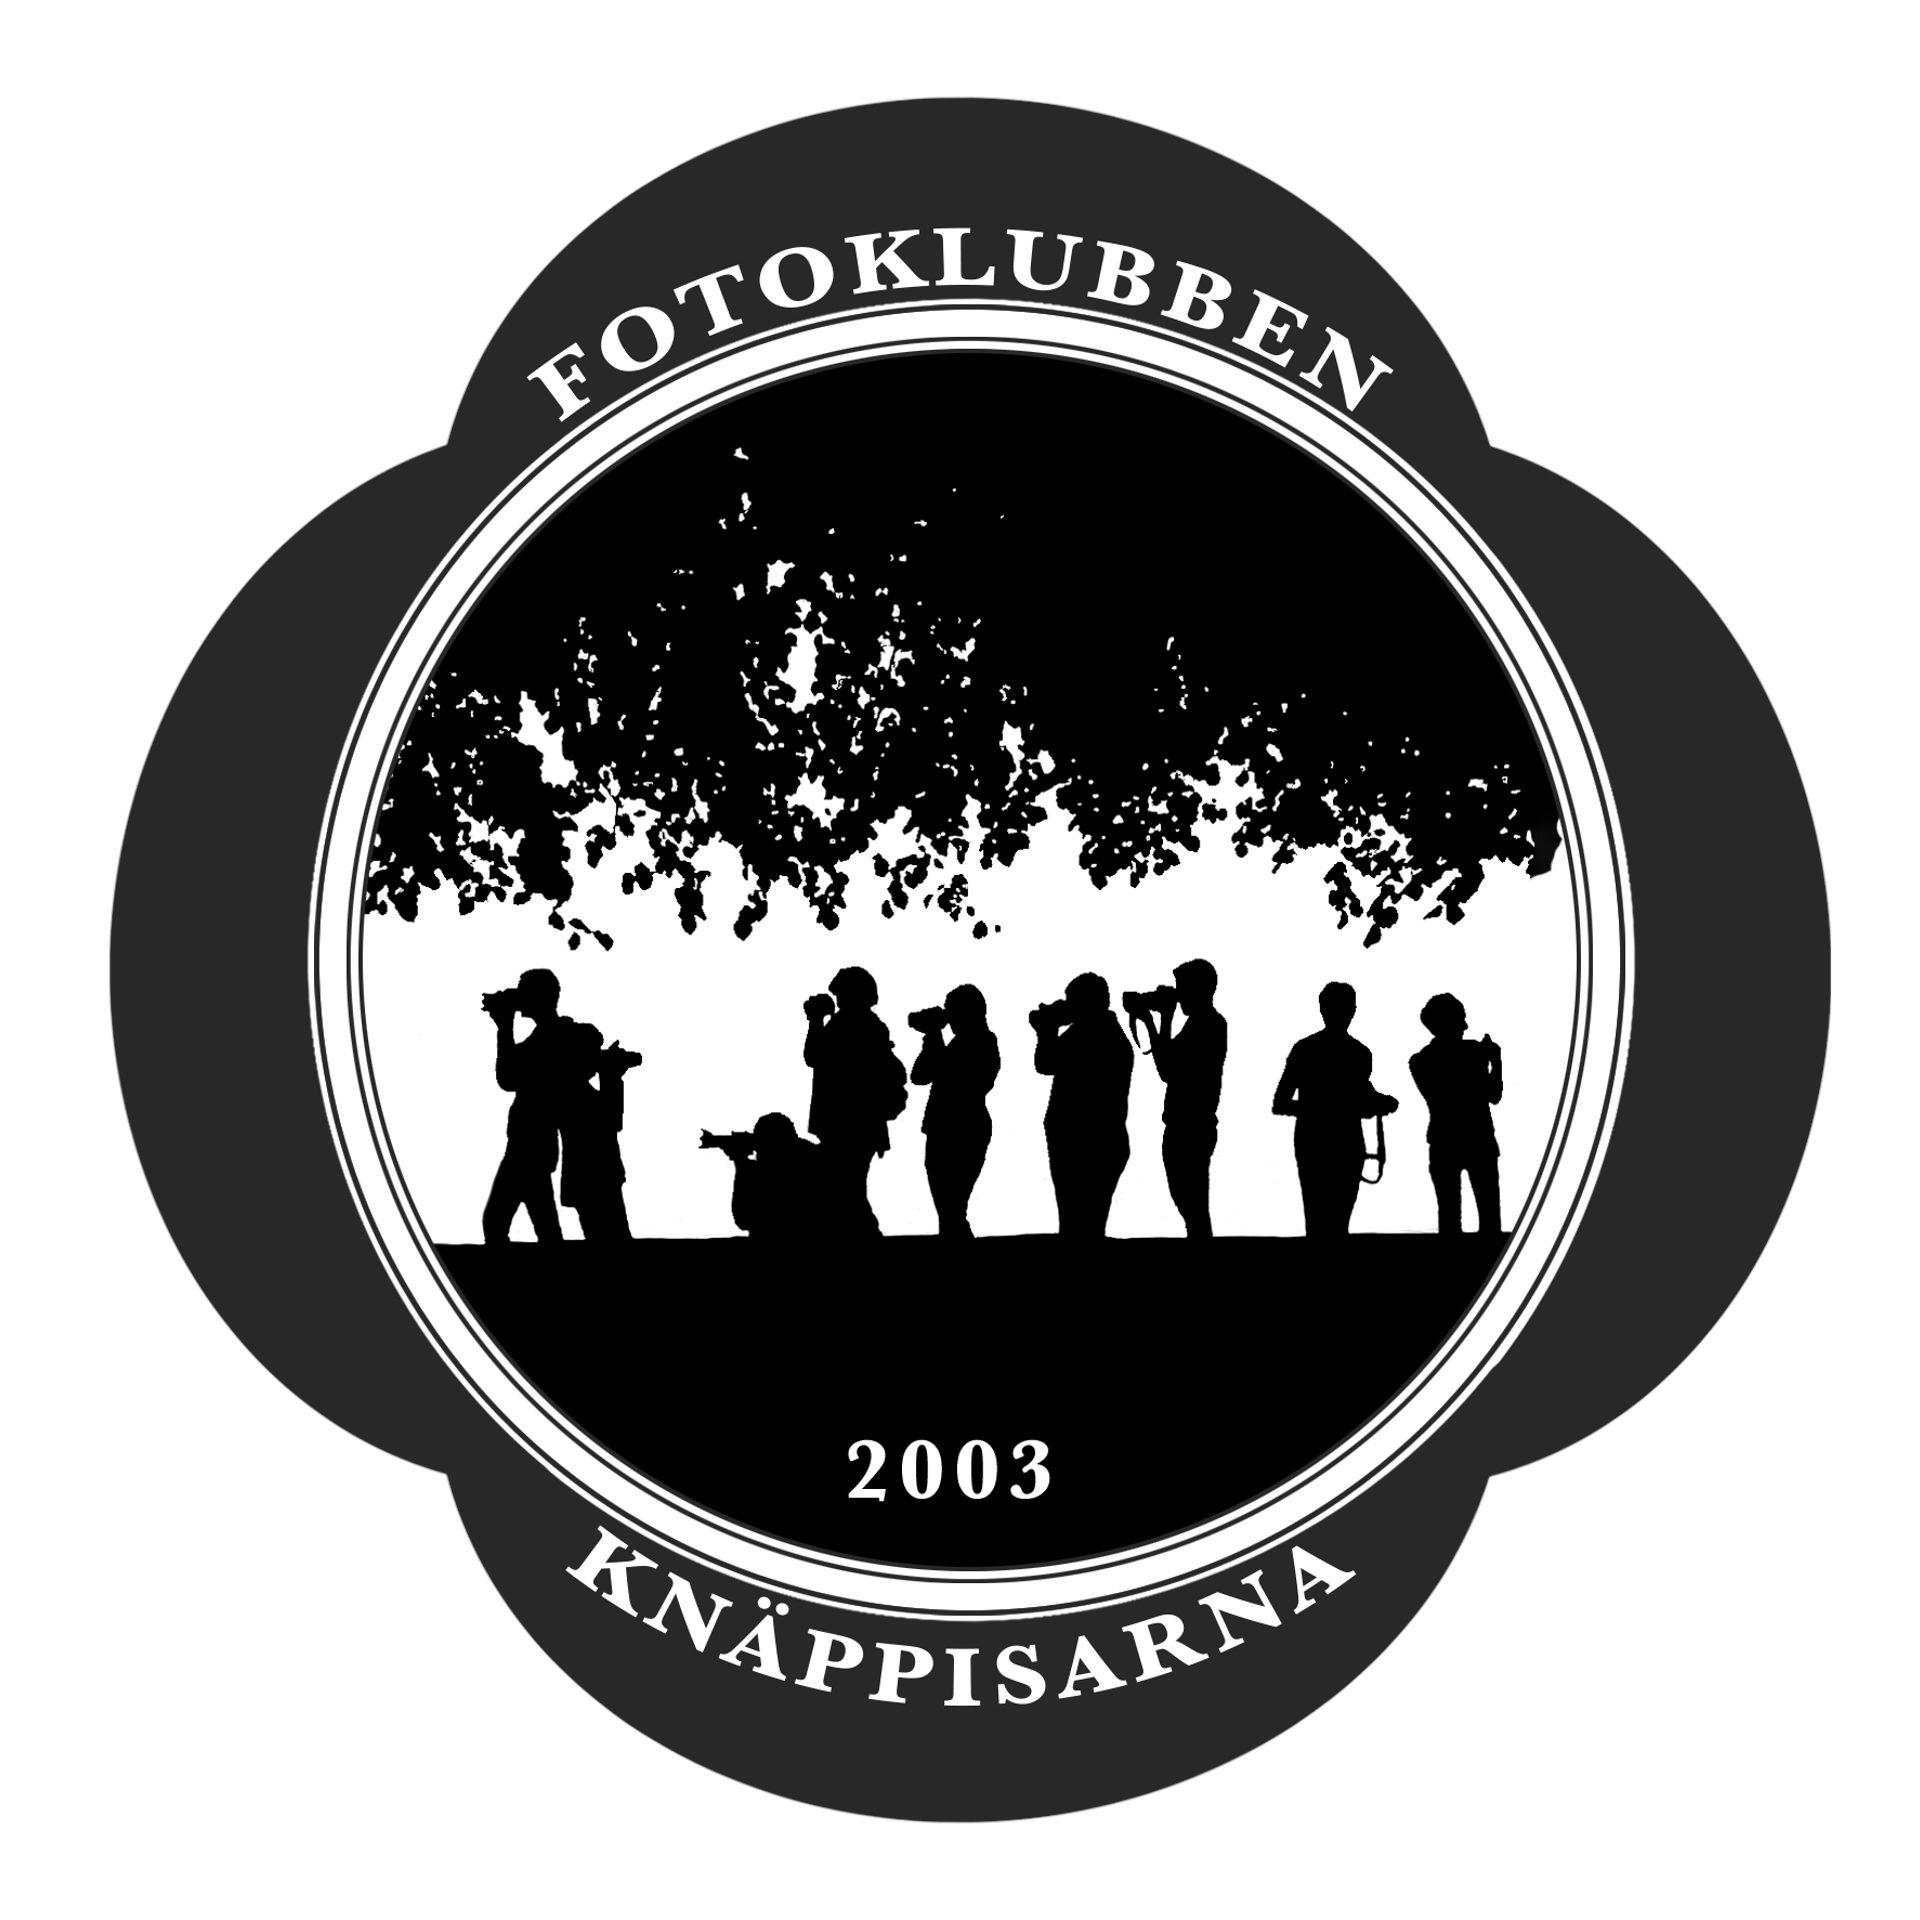 fotoklubbenknappisarna.com